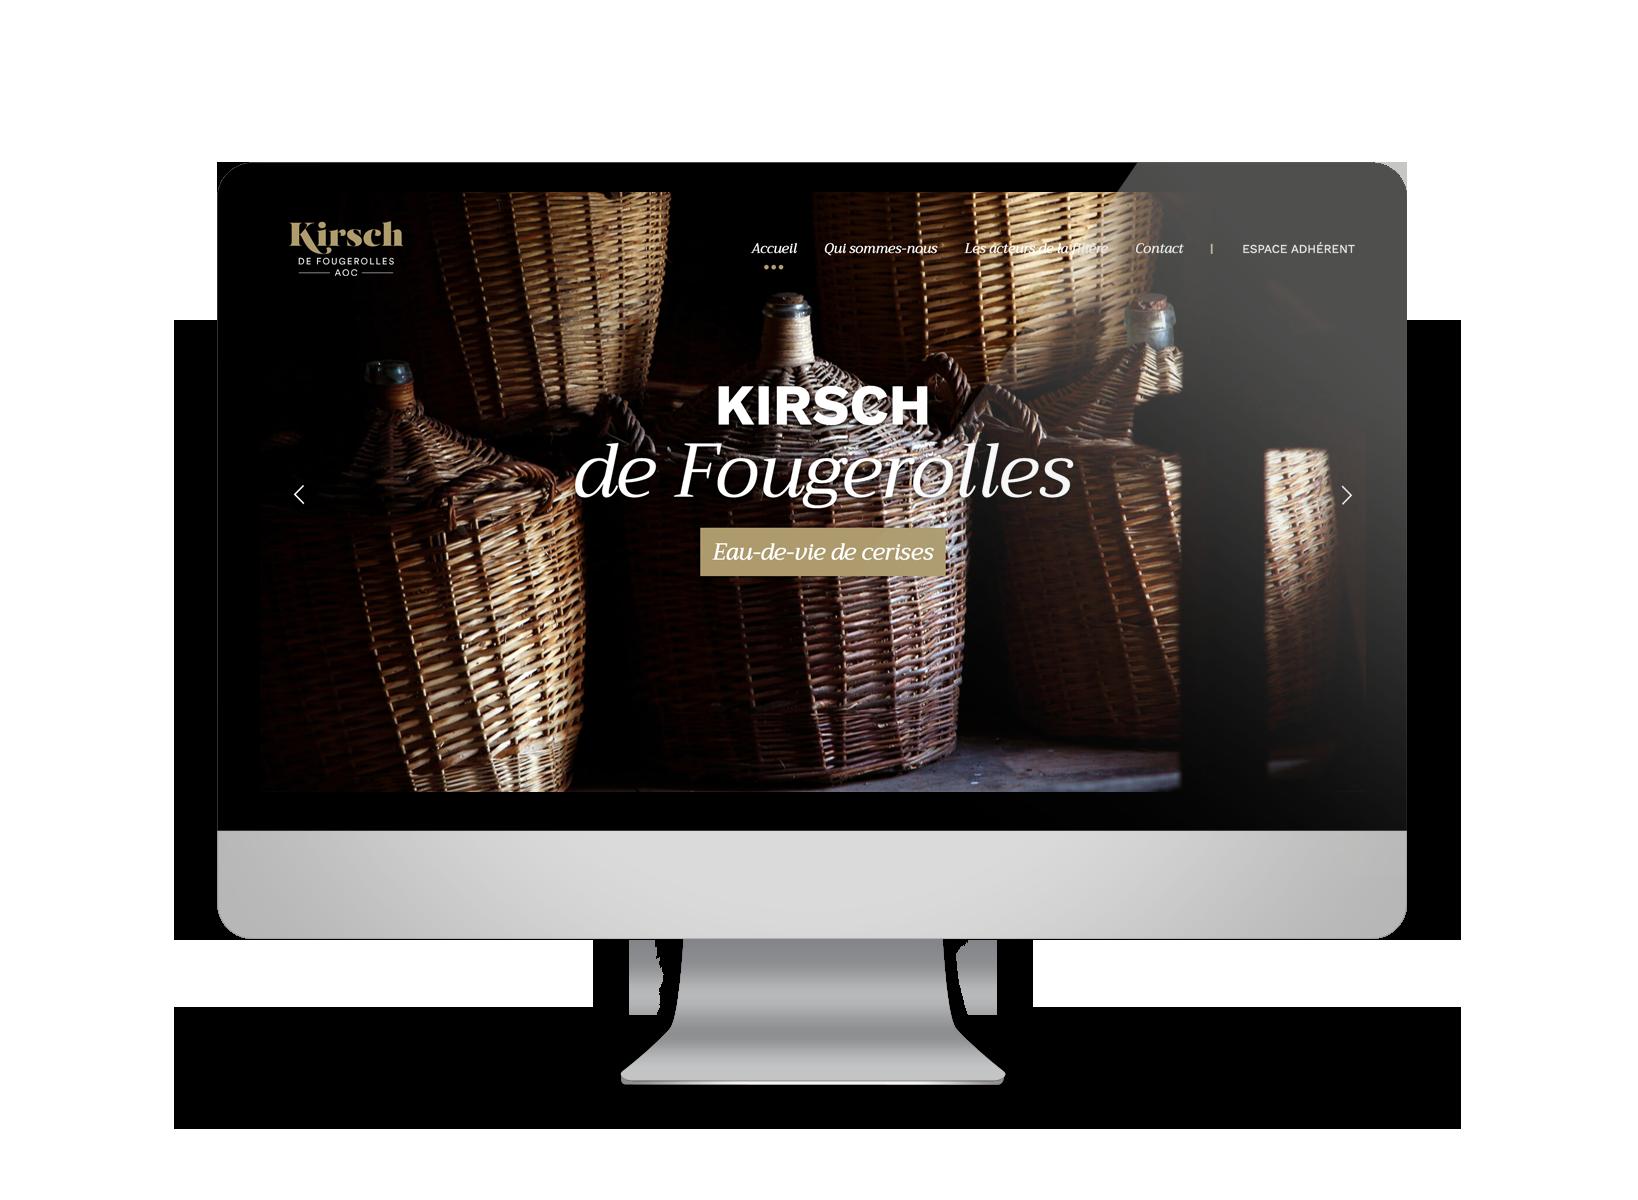 Site-AOC-Kirsch-Fougerolles